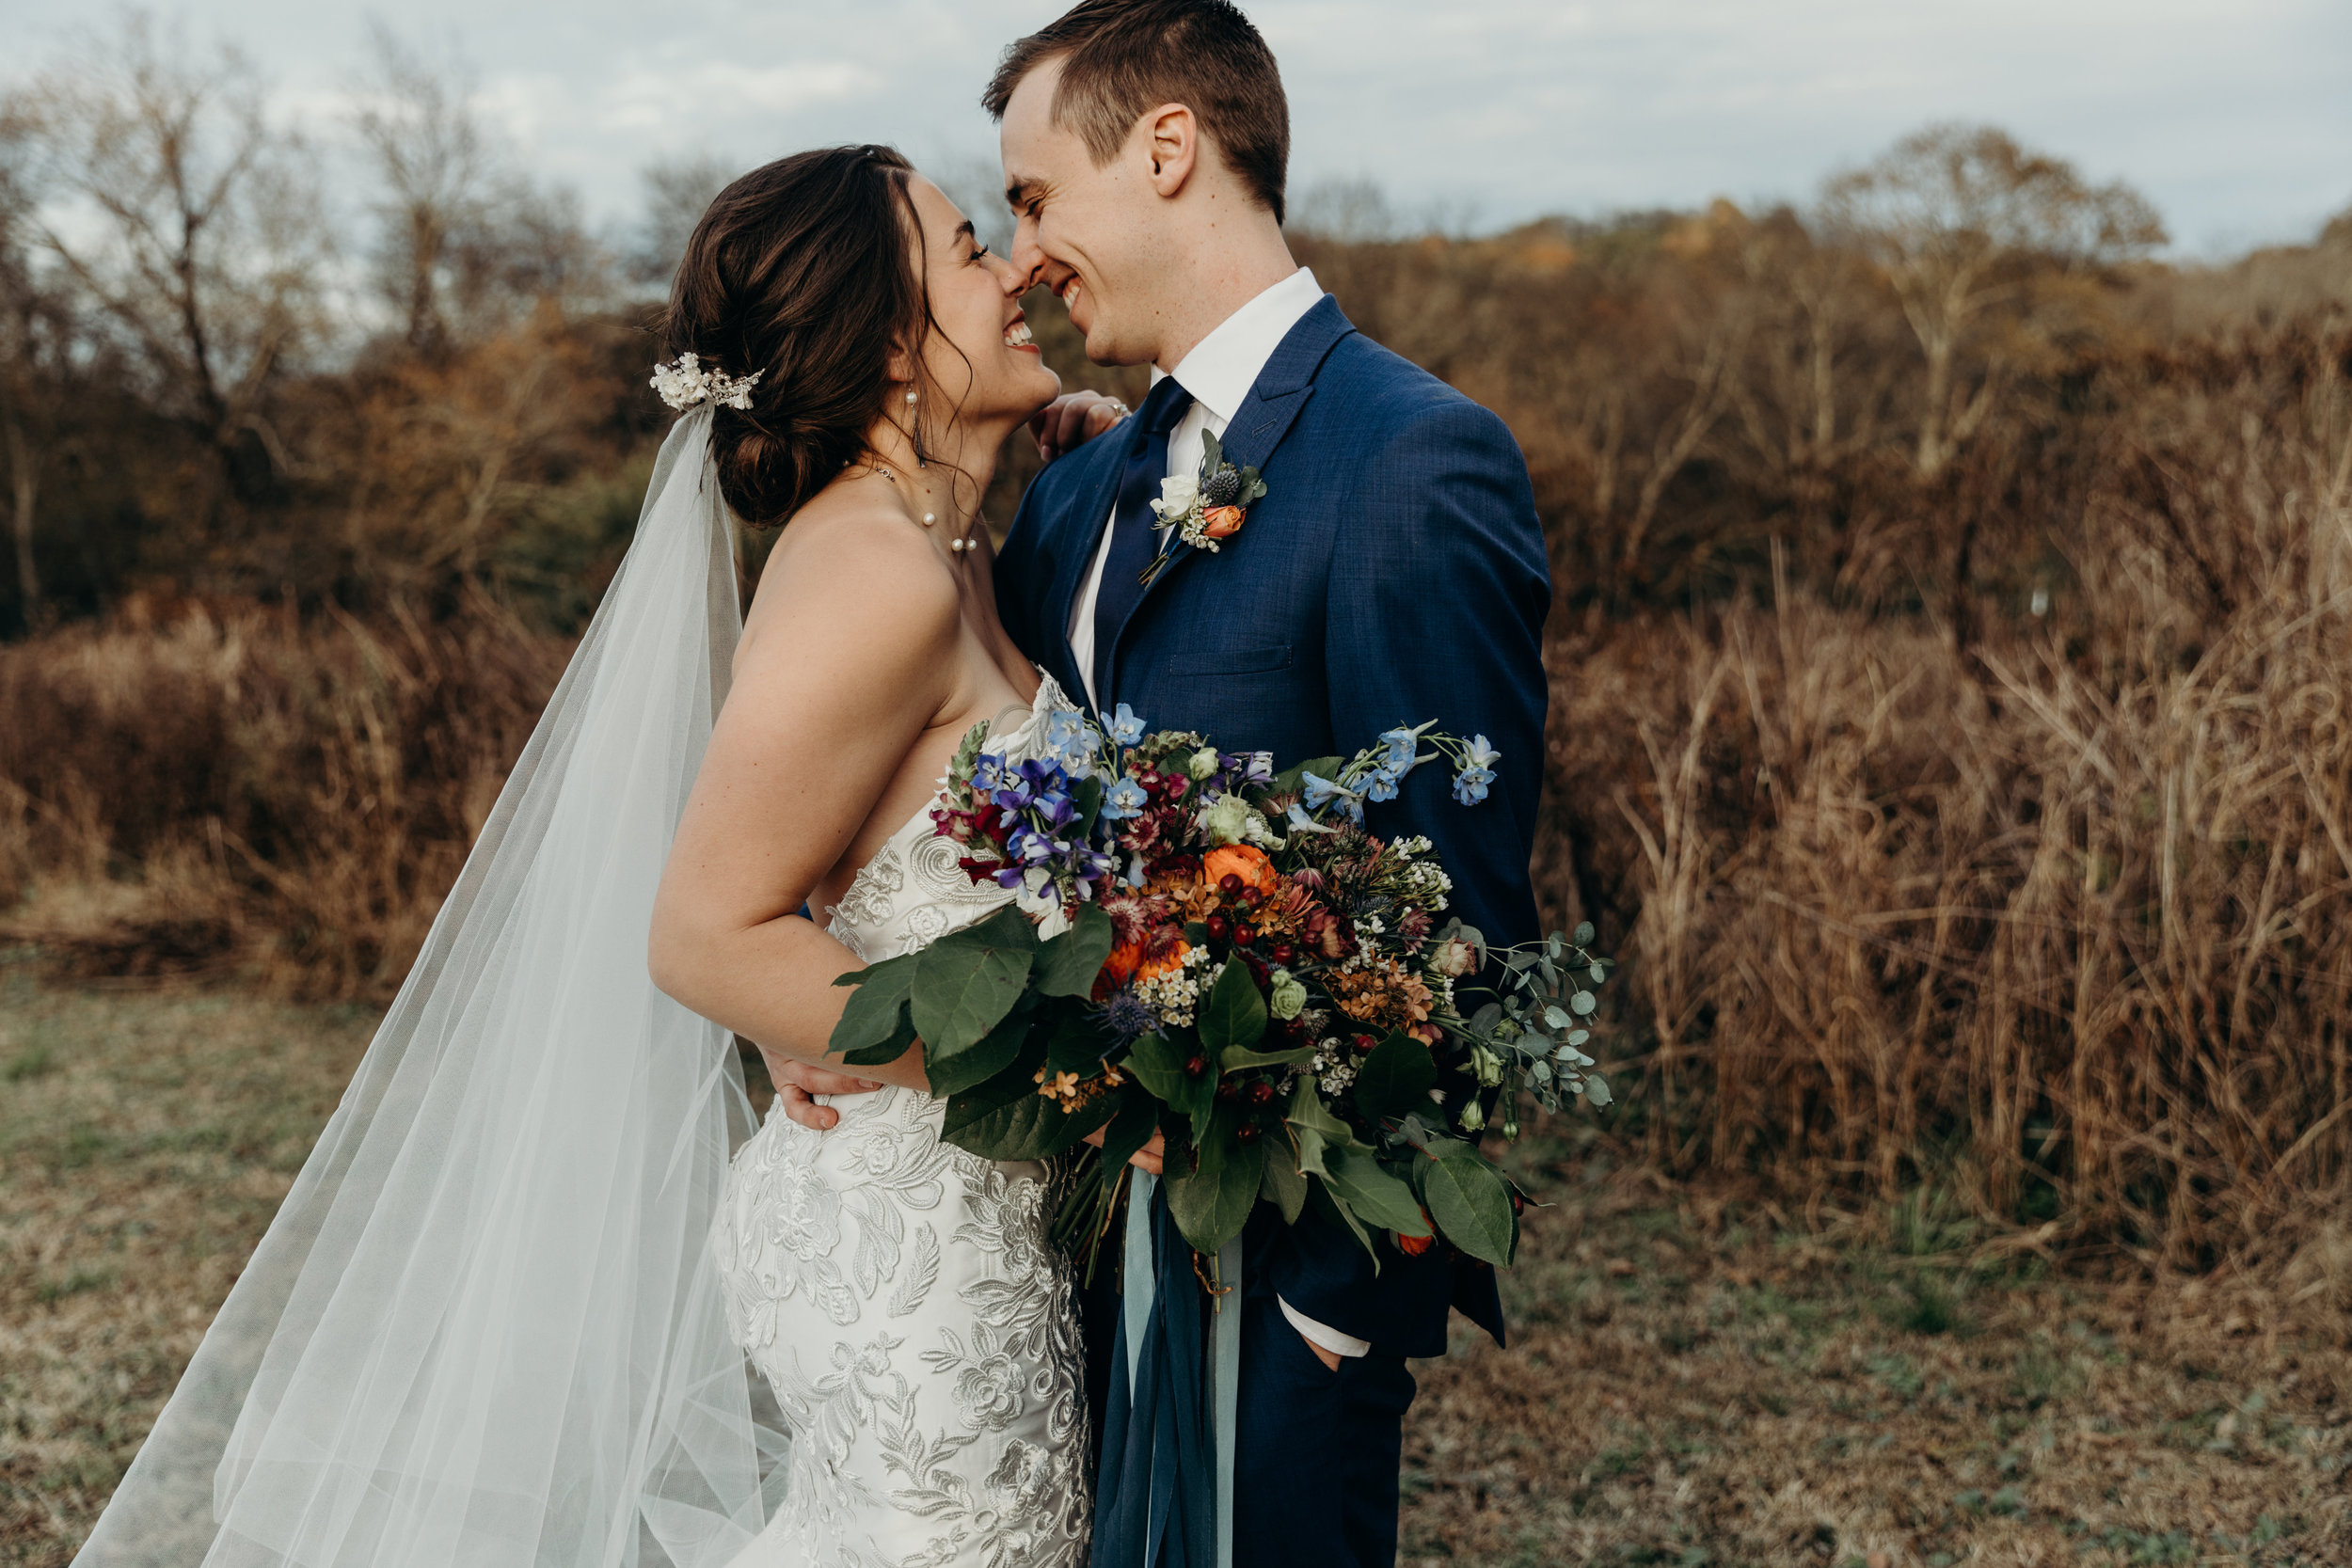 635-ltw-morgan-adam-wedding.jpg